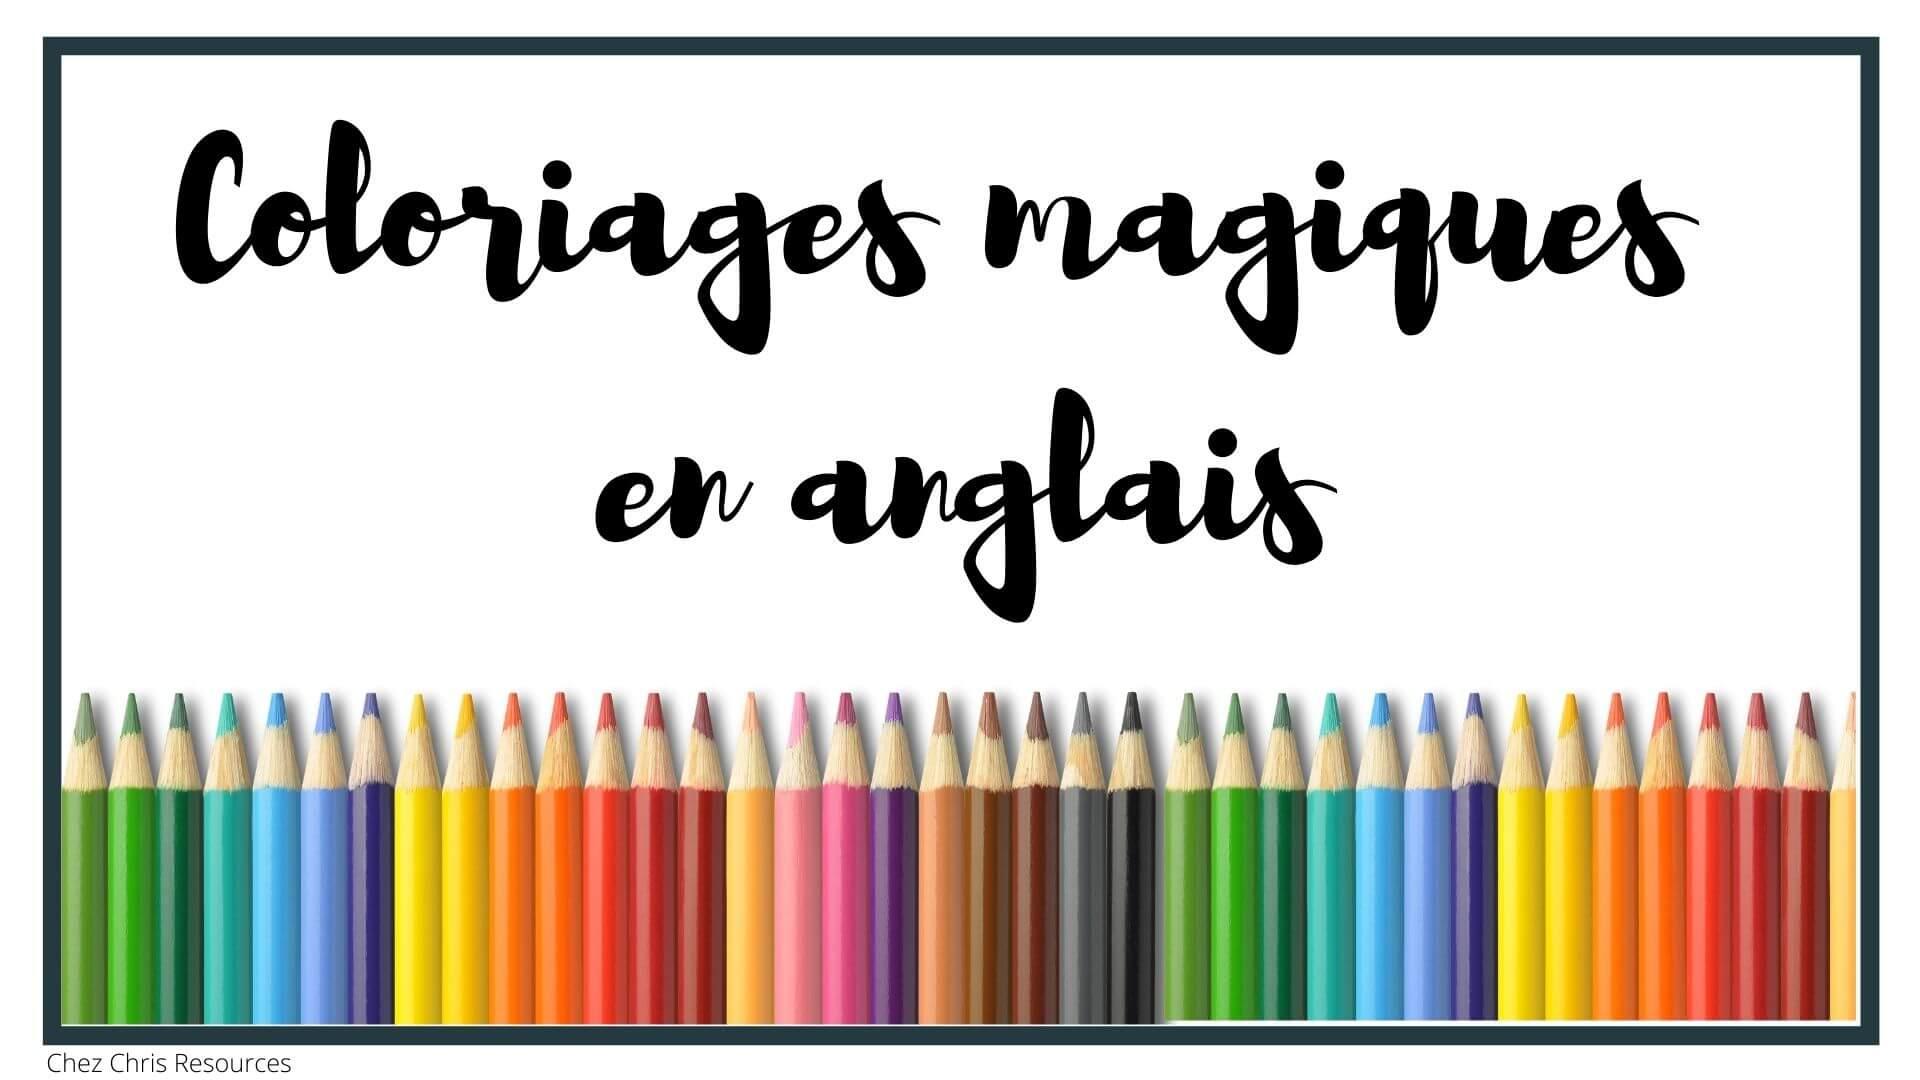 les coloriages magiques en anglais: image de couverture de l'article de blog